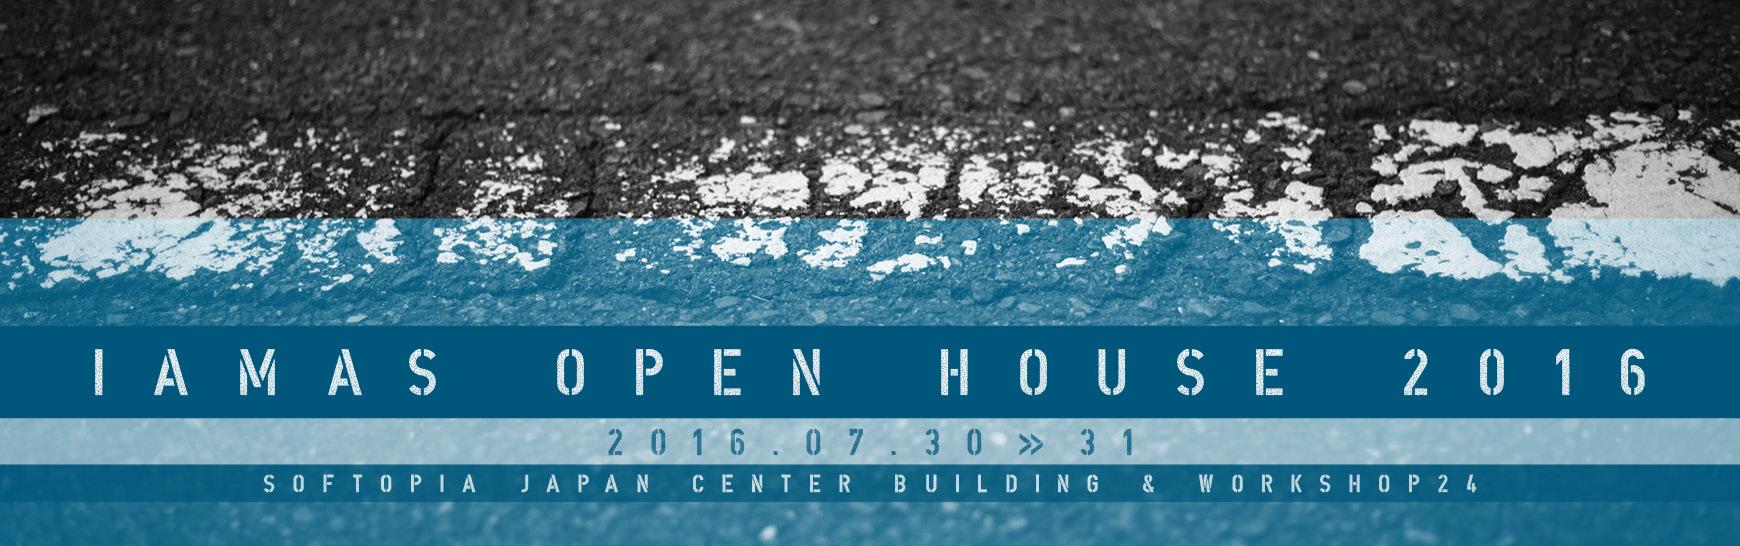 オープンハウス期間の開館のお知らせ